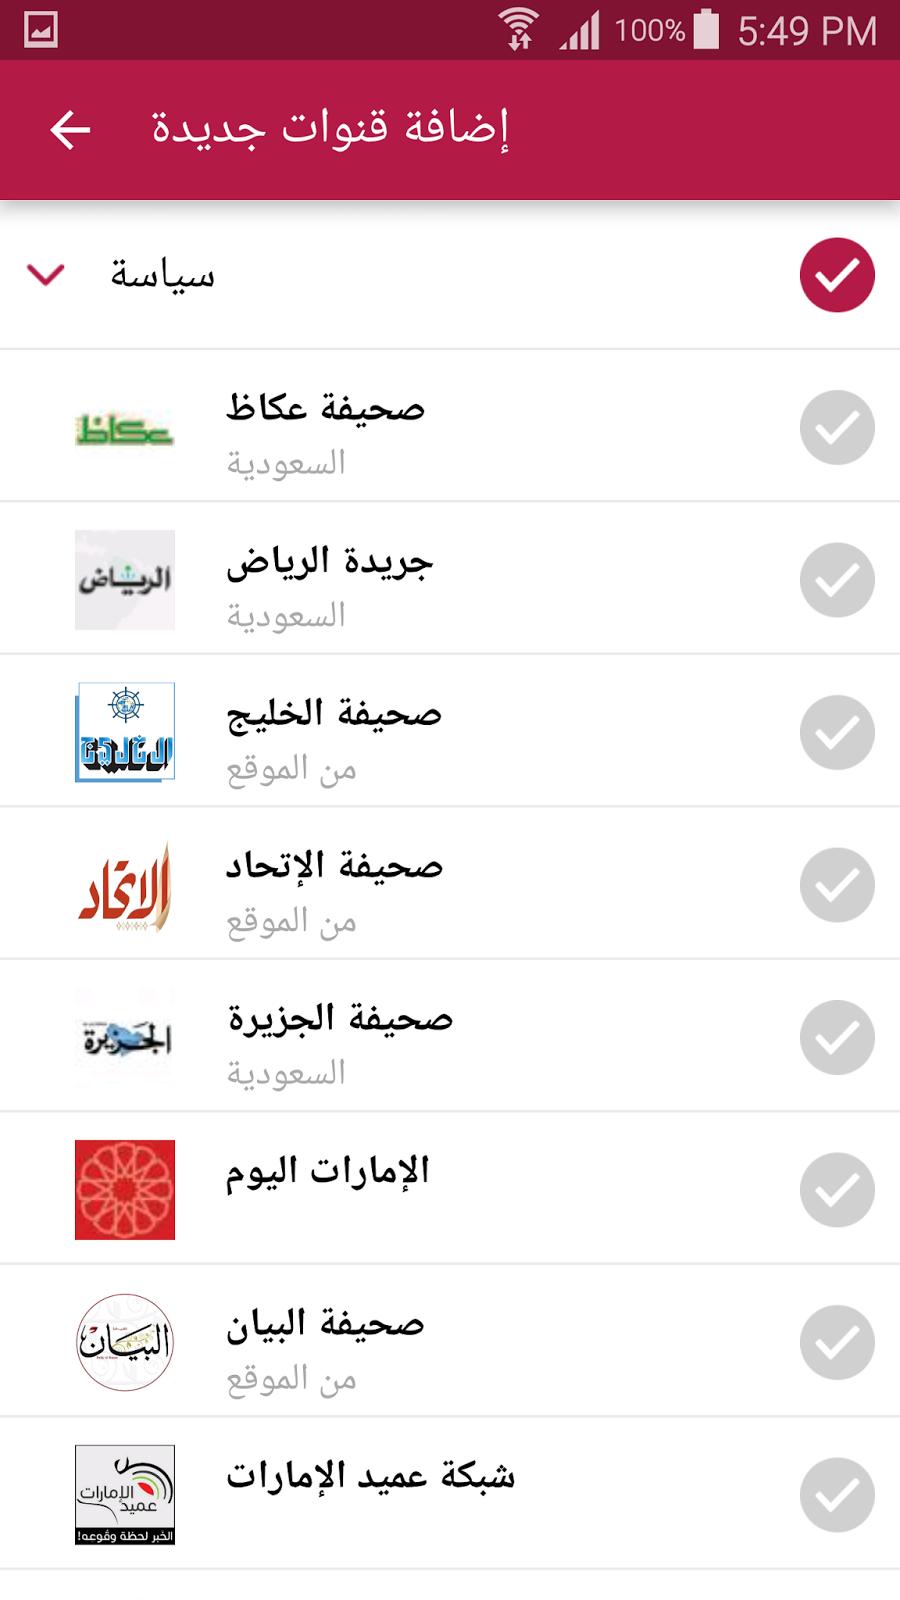 تطبيق نيوز كونكتس لمتابعة جميع انواع الاخبار من عدة مصادر | بحرية درويد